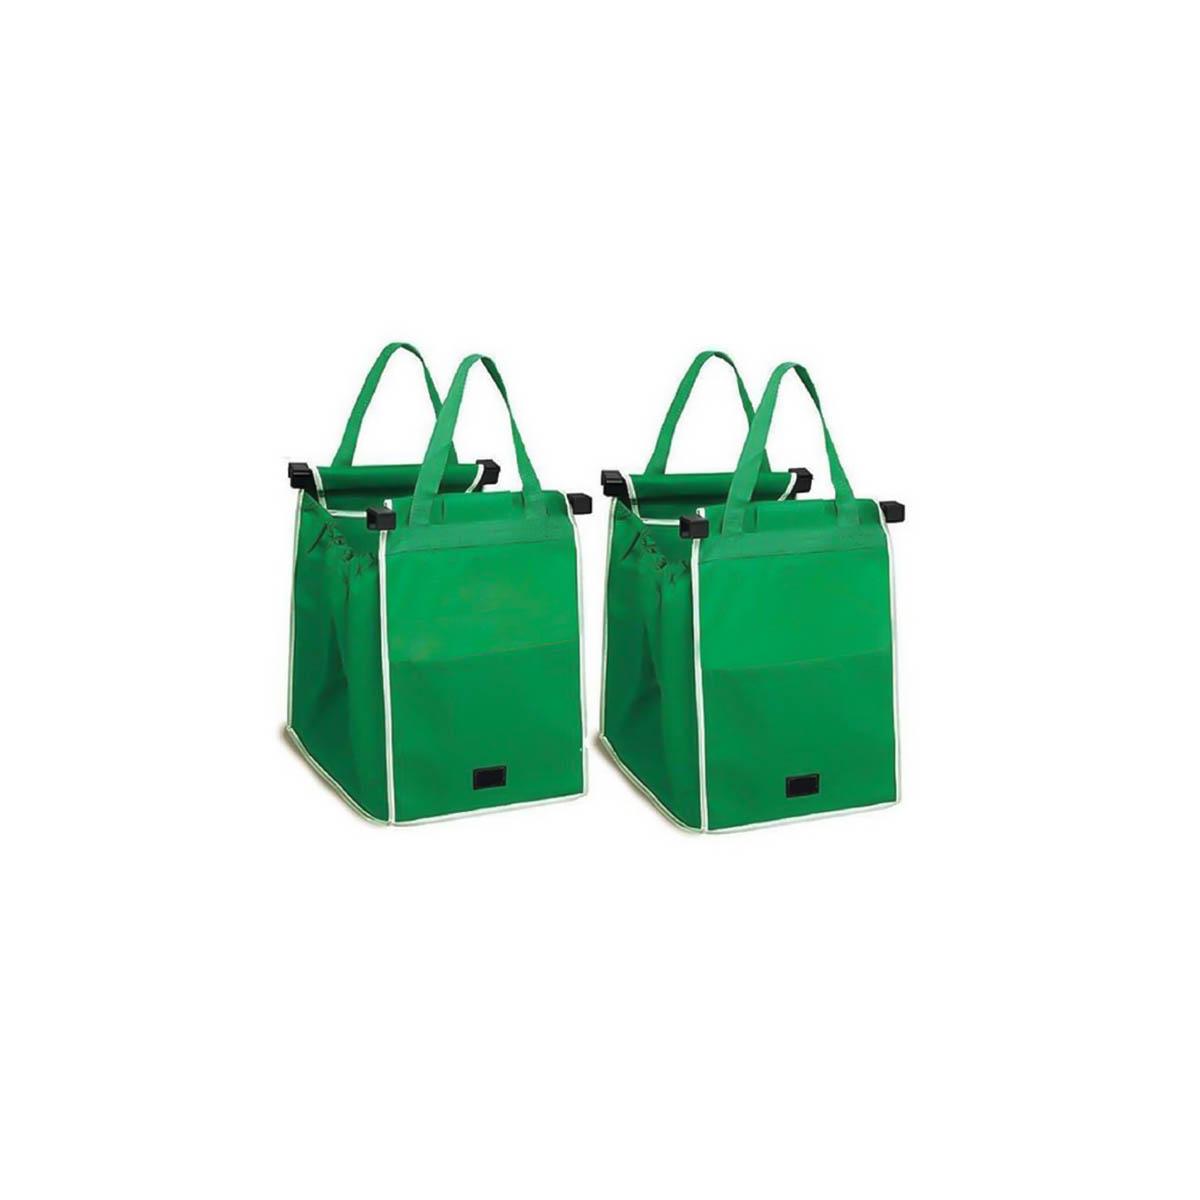 IAG-Reusable-Grocery-Bag-2-1200×1200